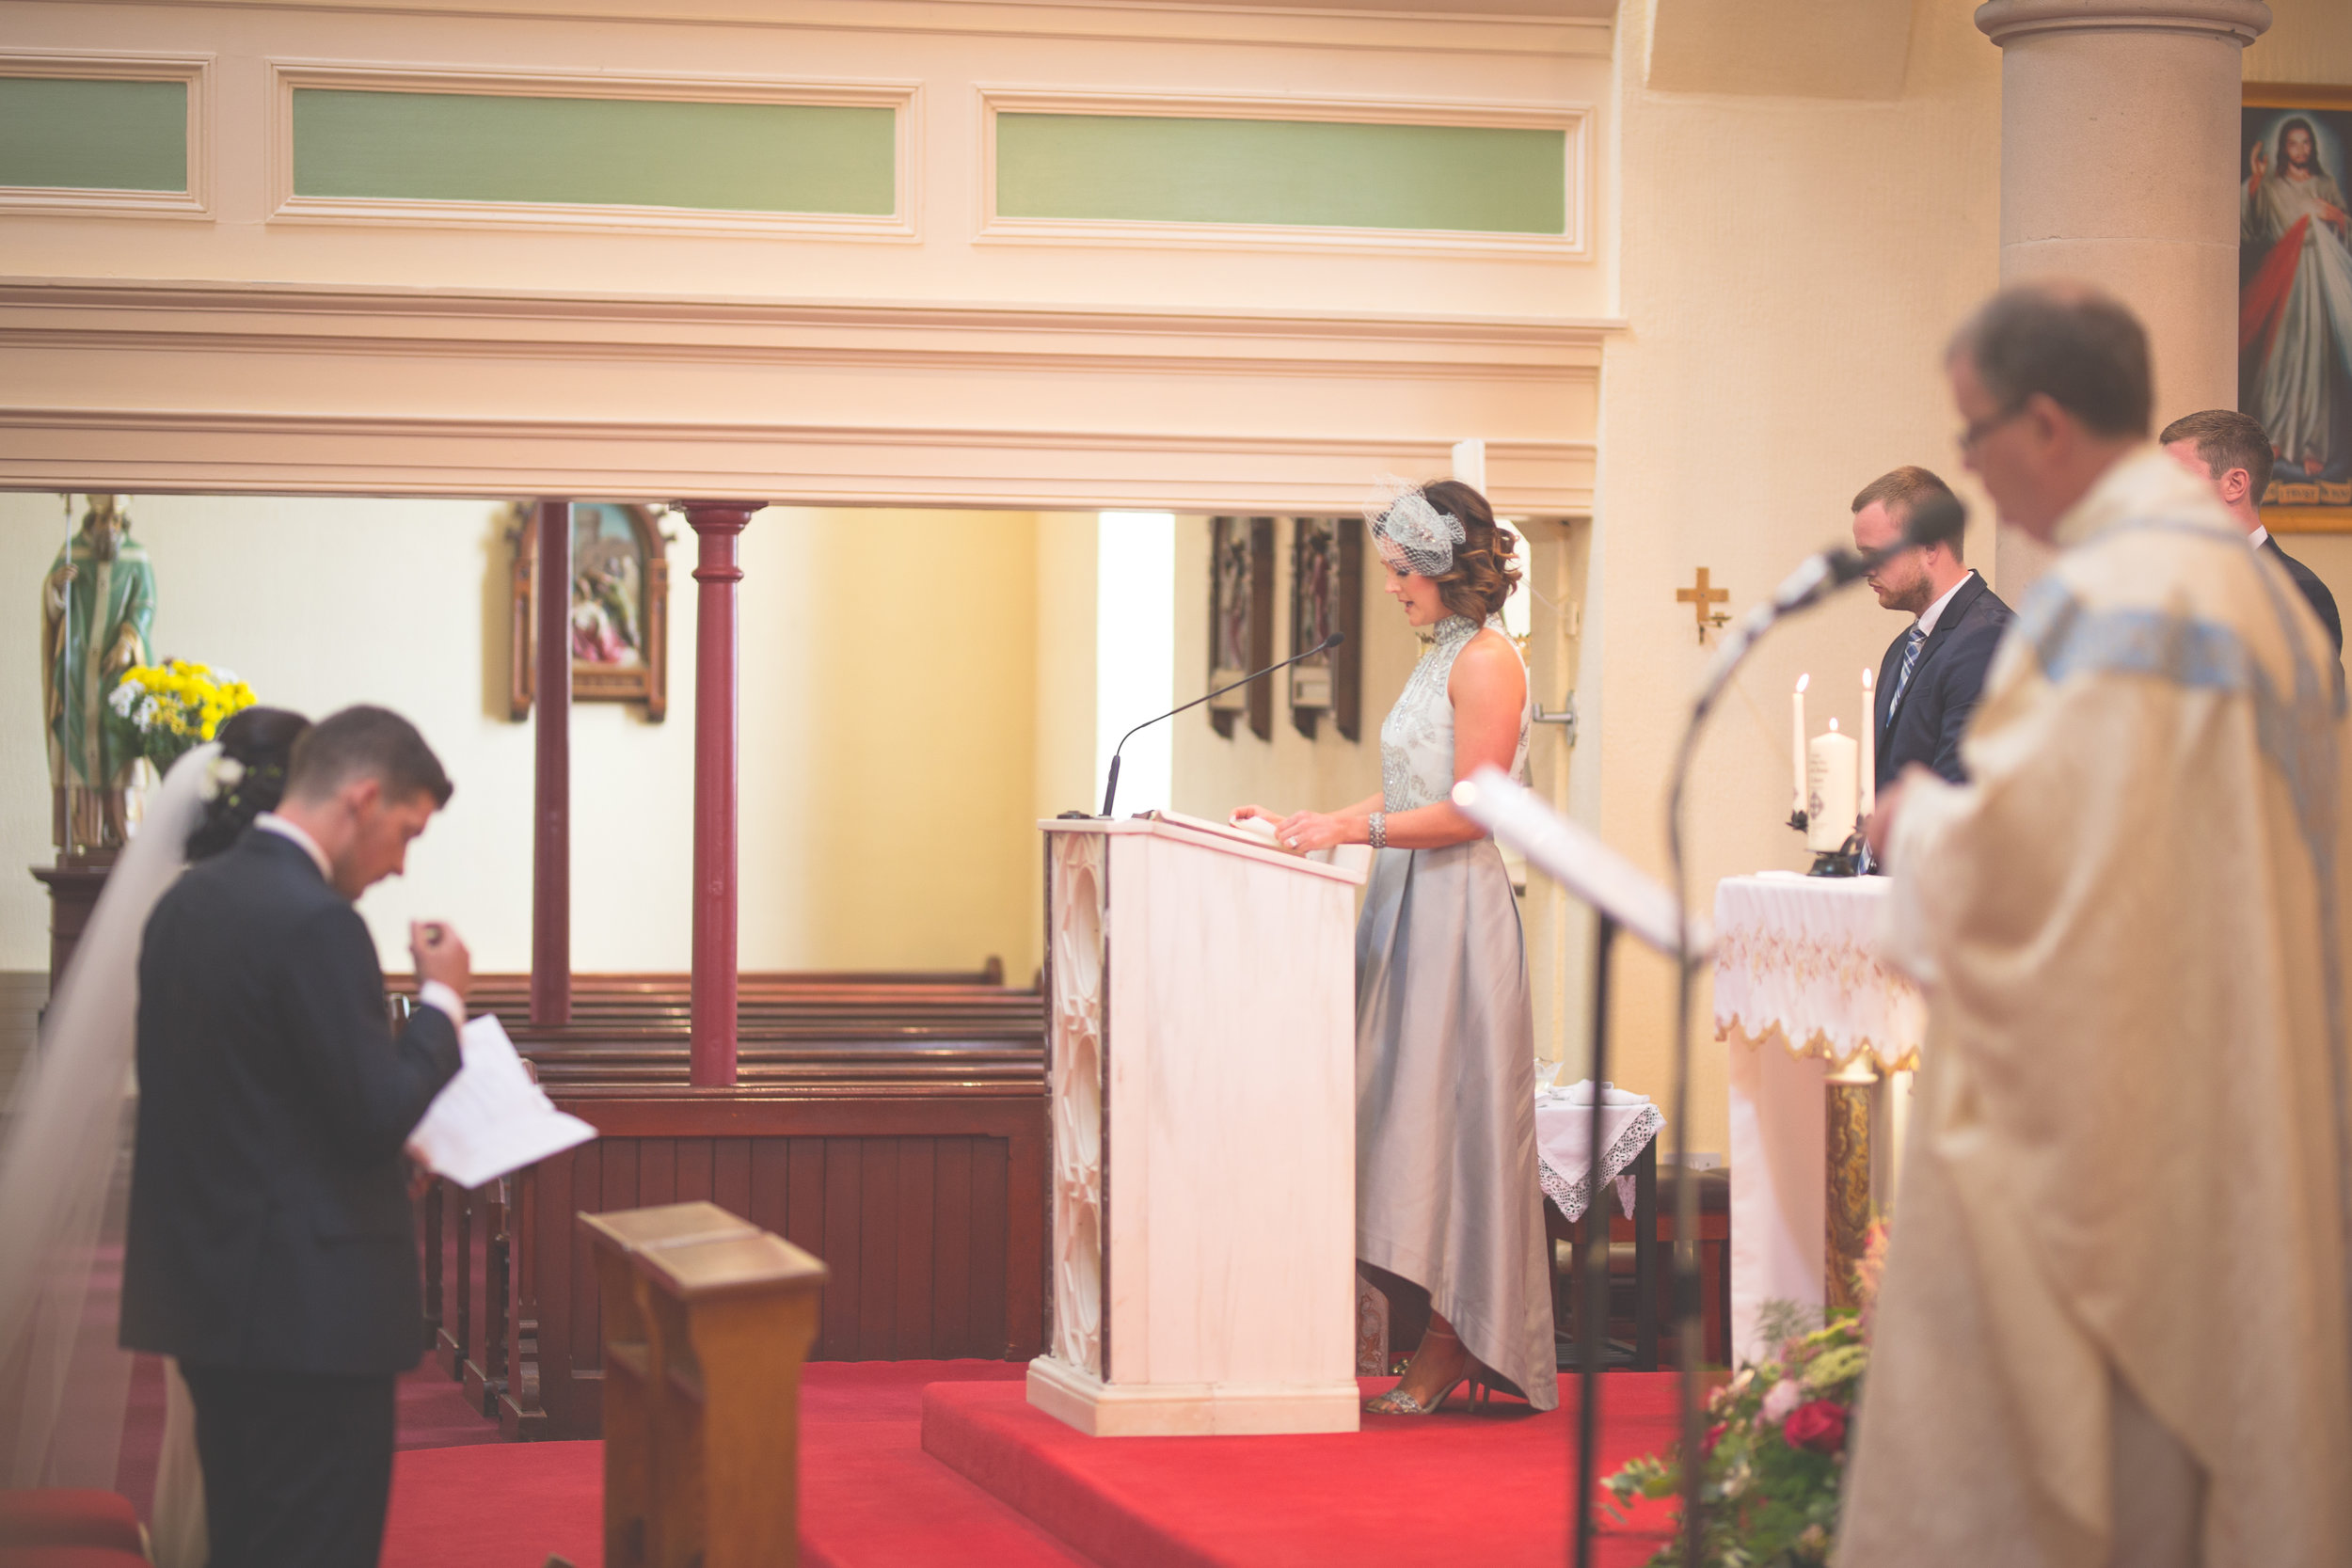 Brian McEwan Wedding Photography   Carol-Anne & Sean   The Ceremony-57.jpg